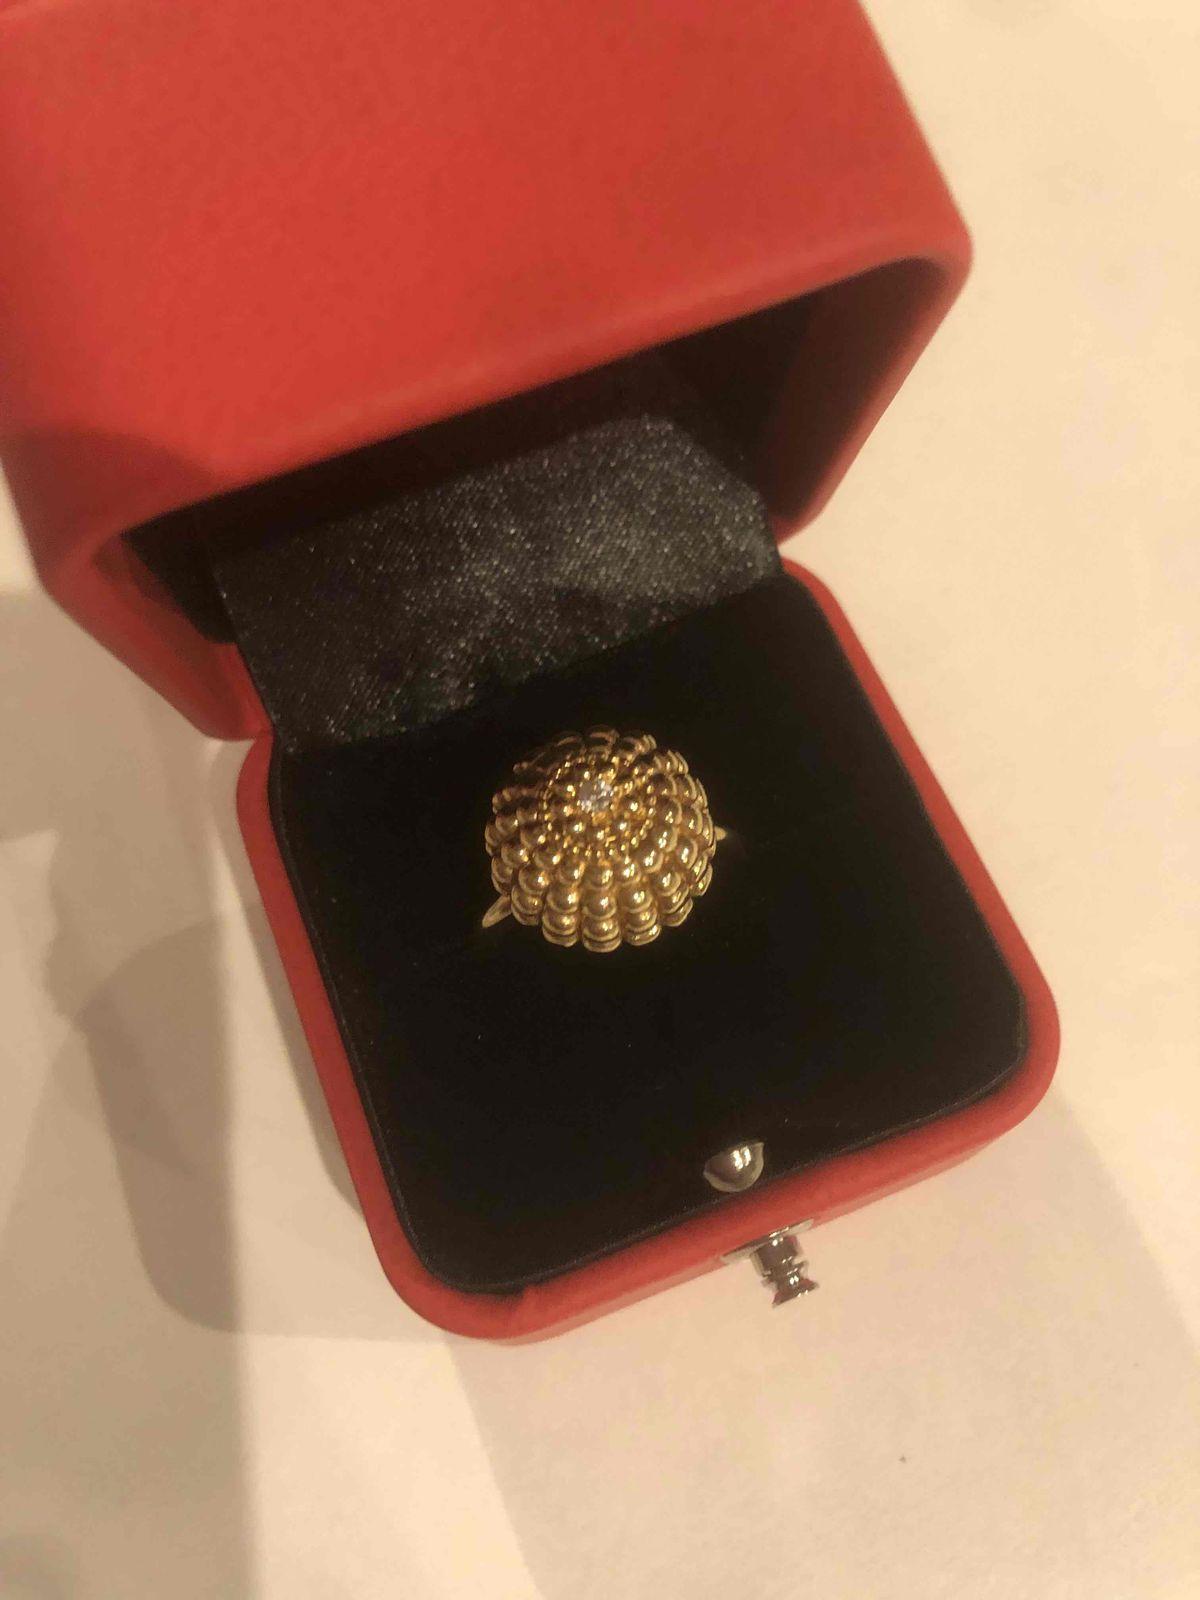 Кольцо очень красивое,мне очень понравилось ,давно хотела его,я довольна